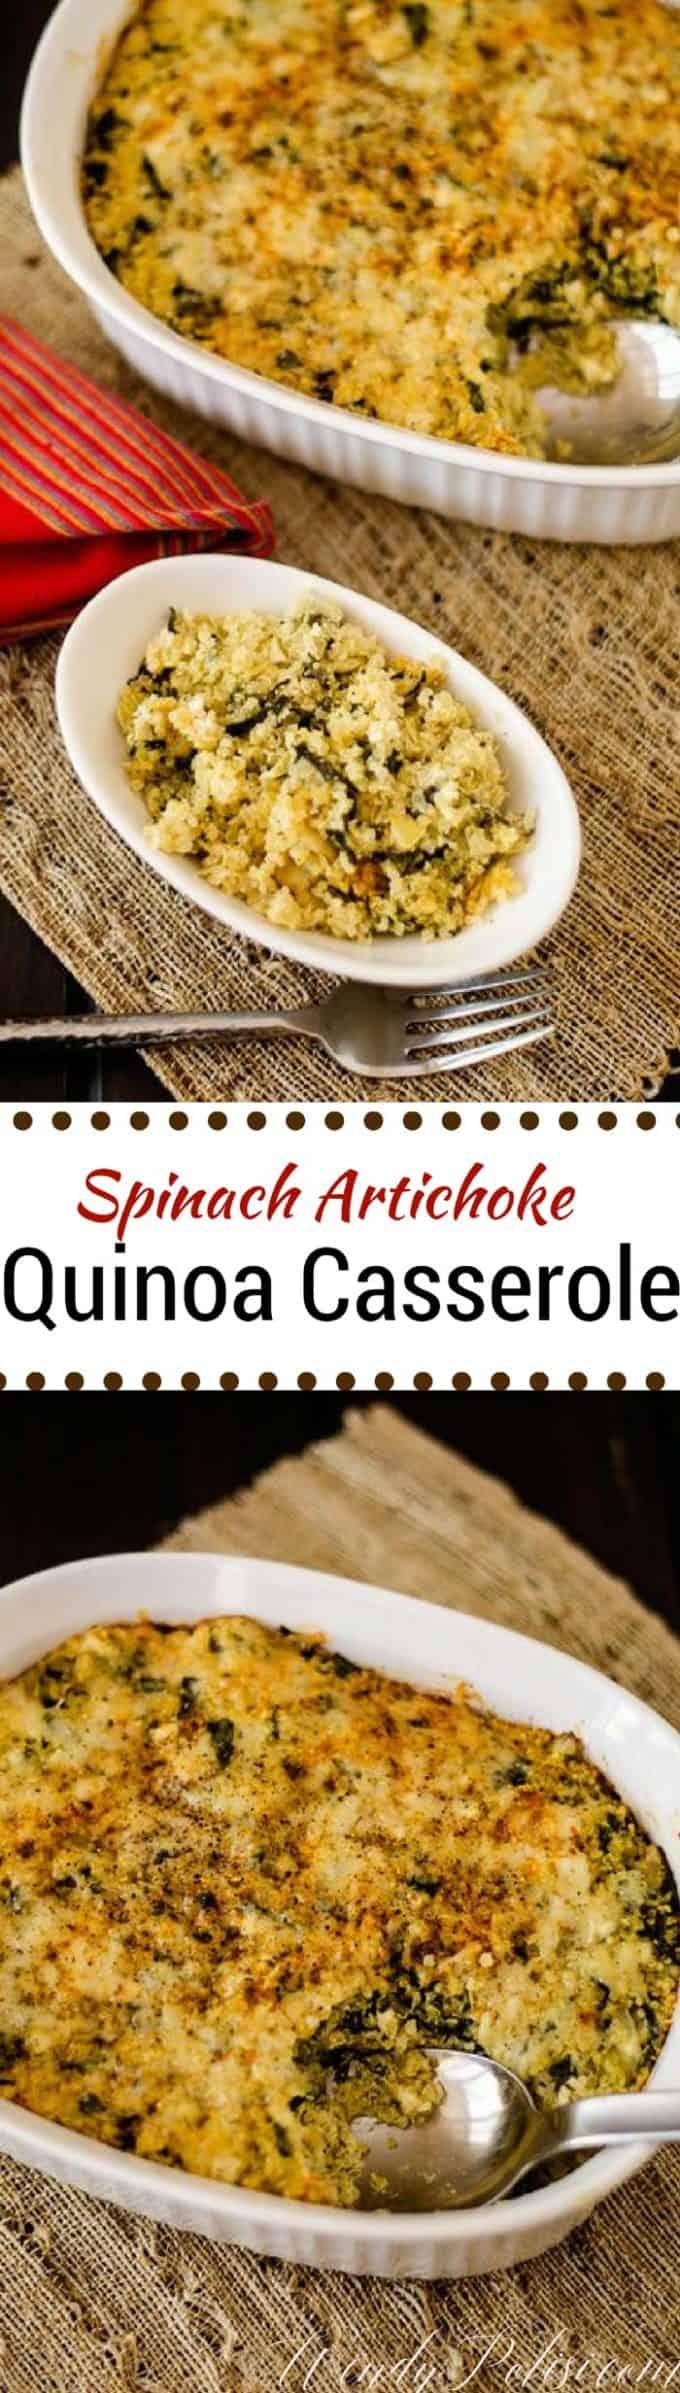 Spinach Artichoke Quinoa Casserole